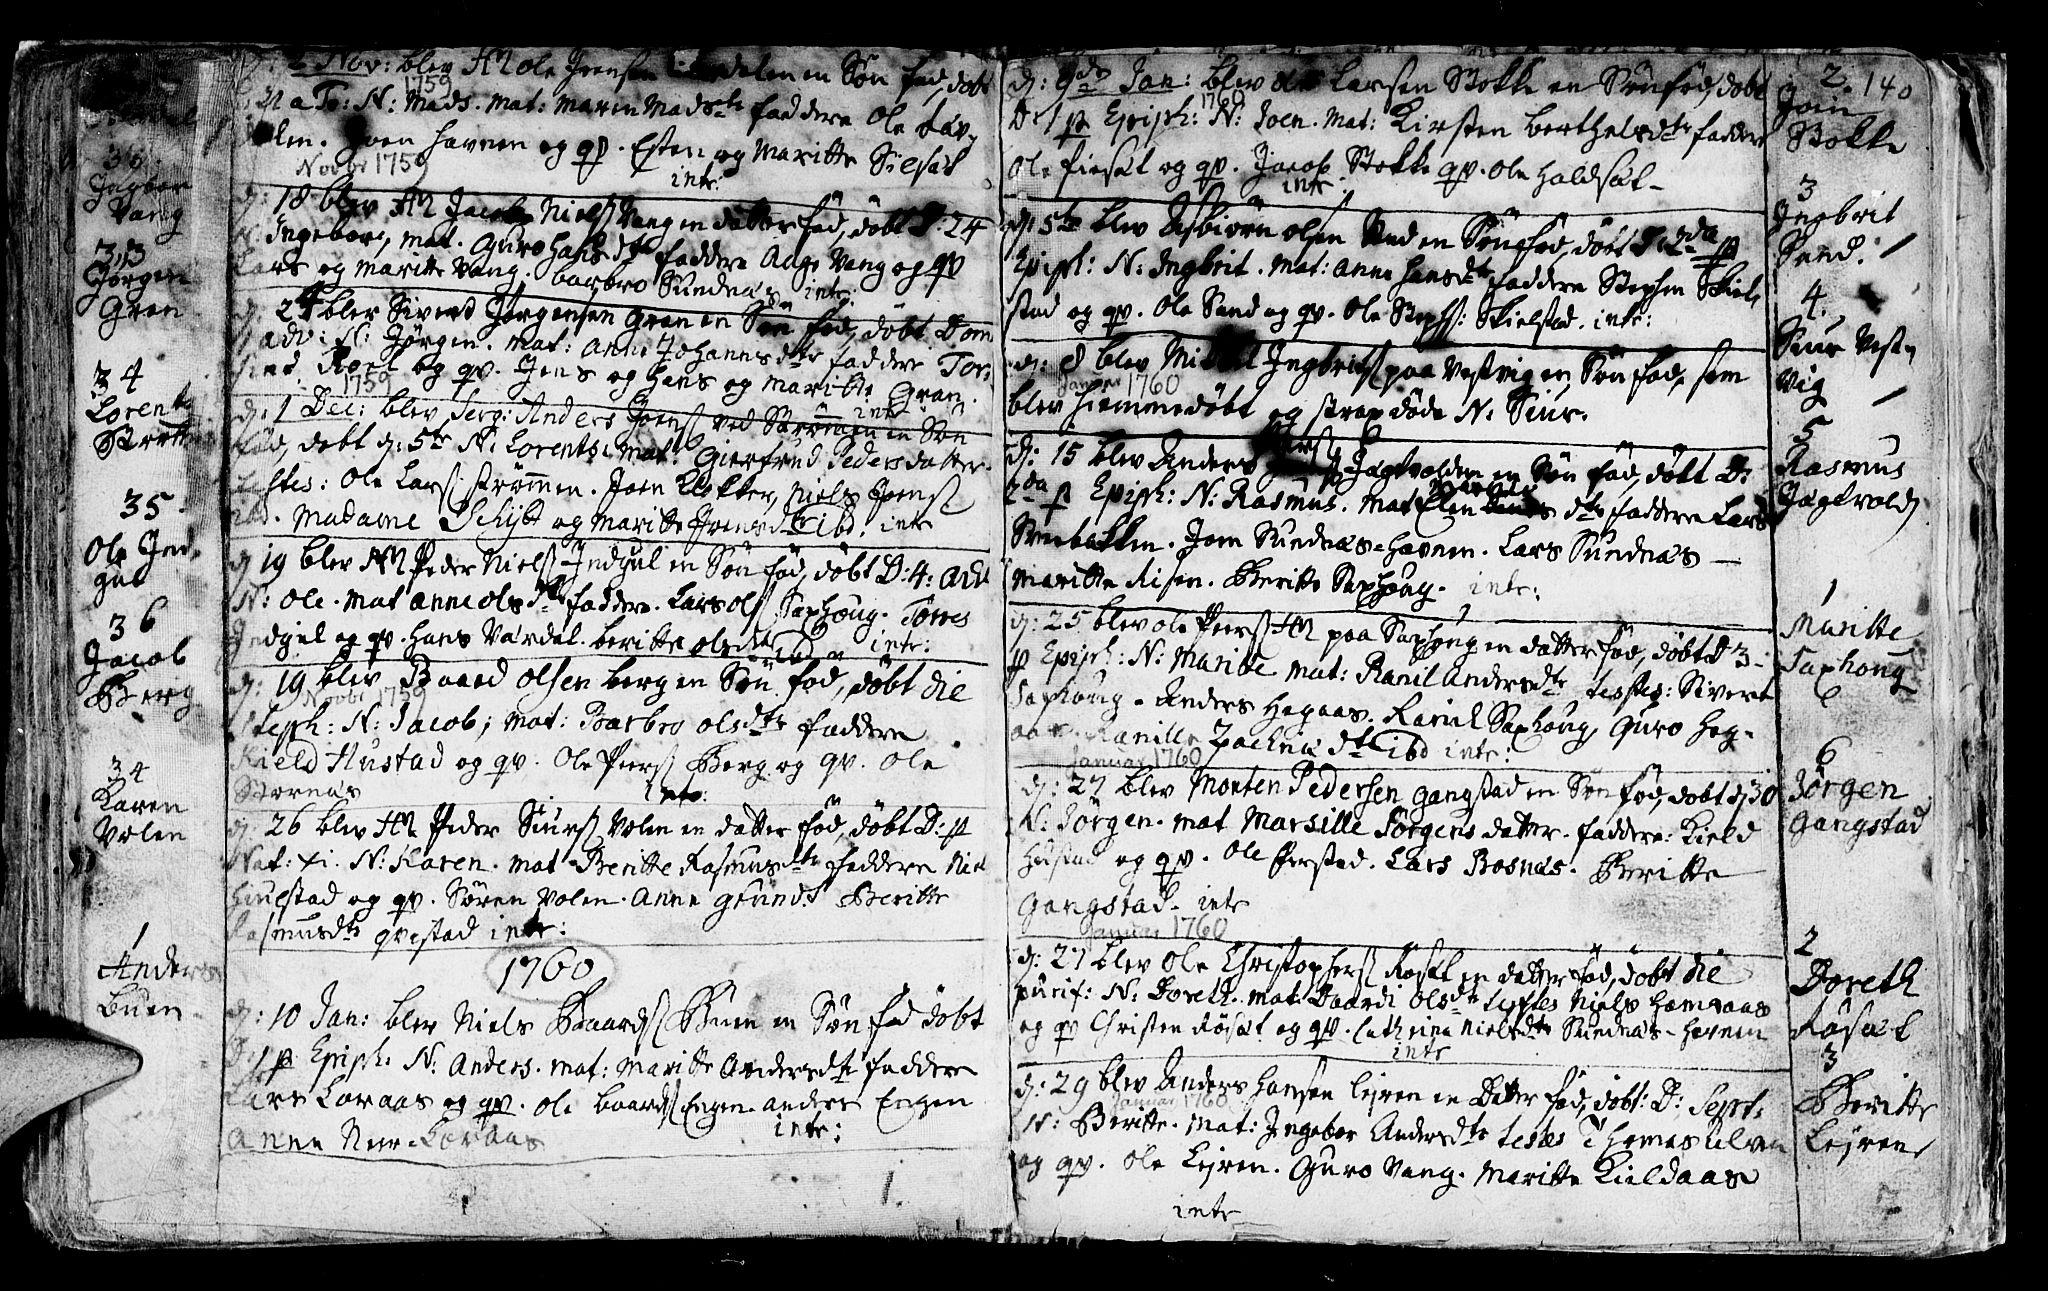 SAT, Ministerialprotokoller, klokkerbøker og fødselsregistre - Nord-Trøndelag, 730/L0272: Ministerialbok nr. 730A01, 1733-1764, s. 140